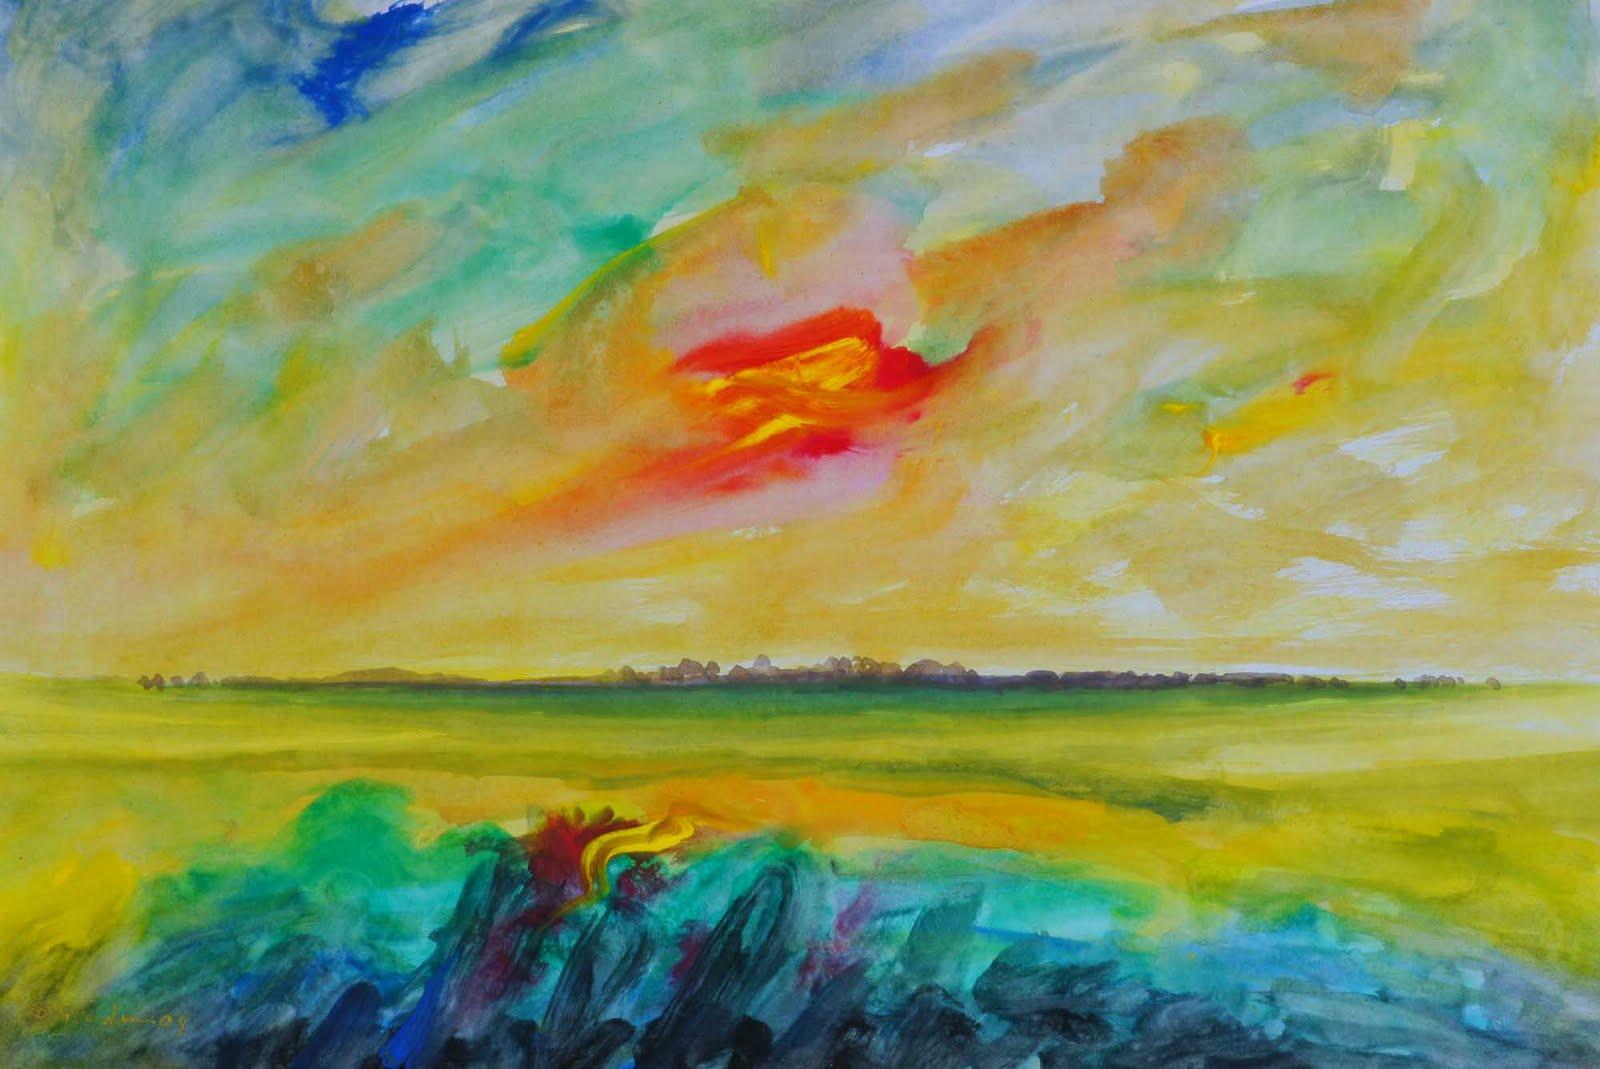 ชื่อภาพ &; landscape 2 &; เทคนิคสี acrylic